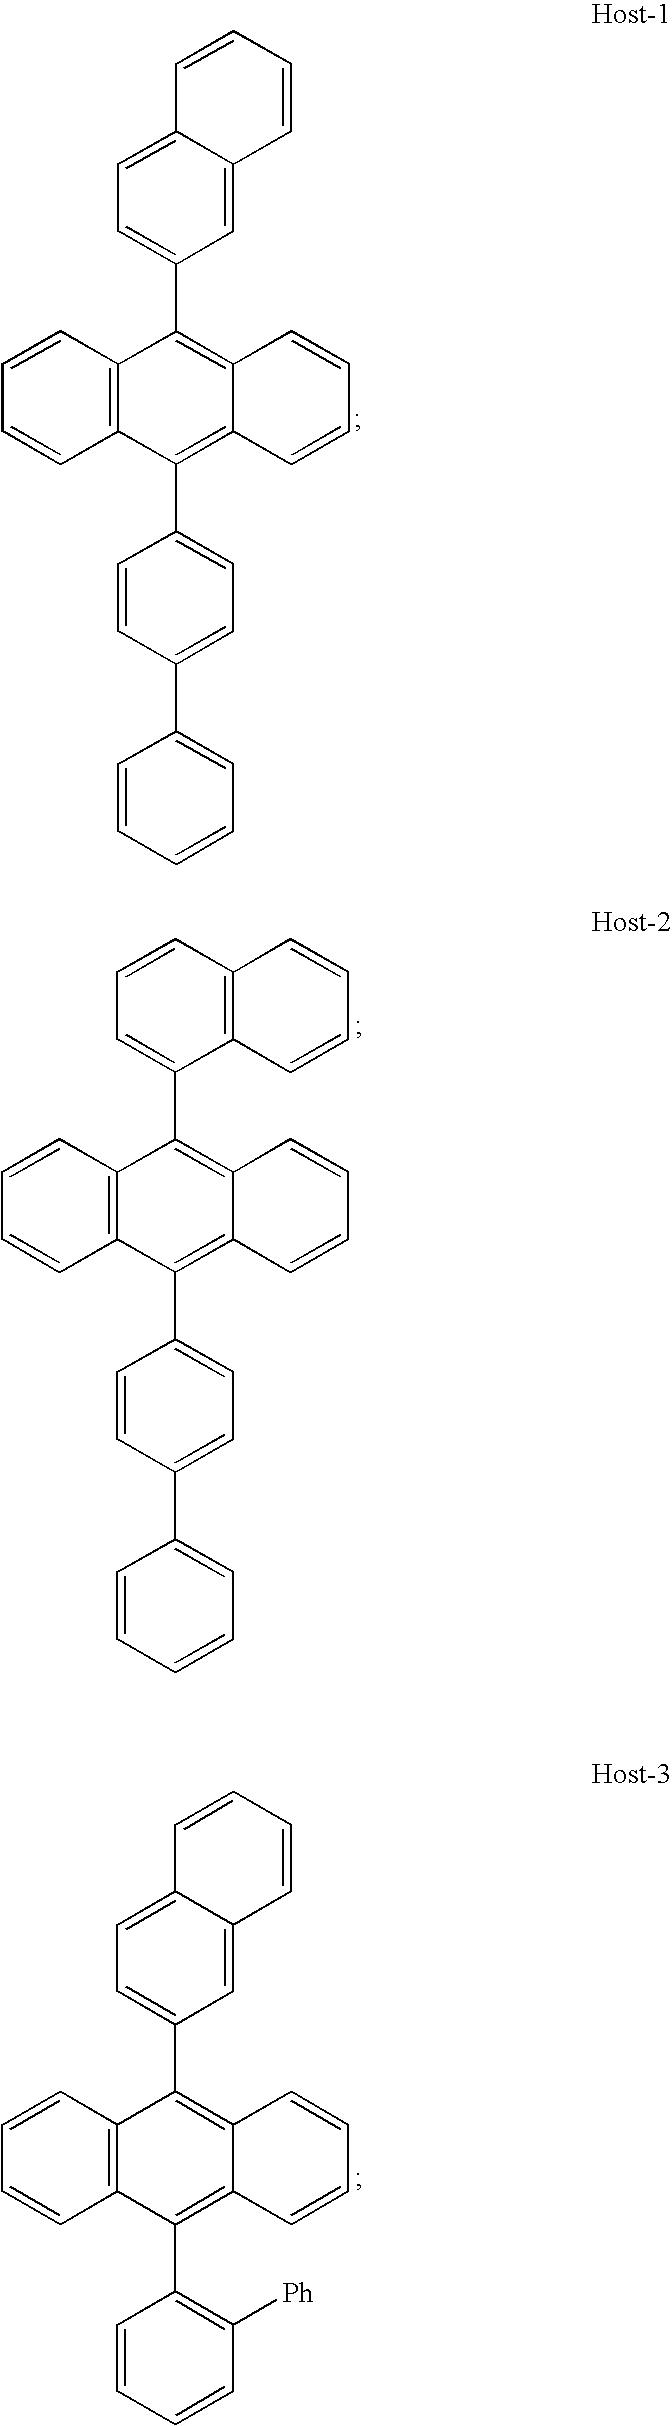 Figure US07602119-20091013-C00014